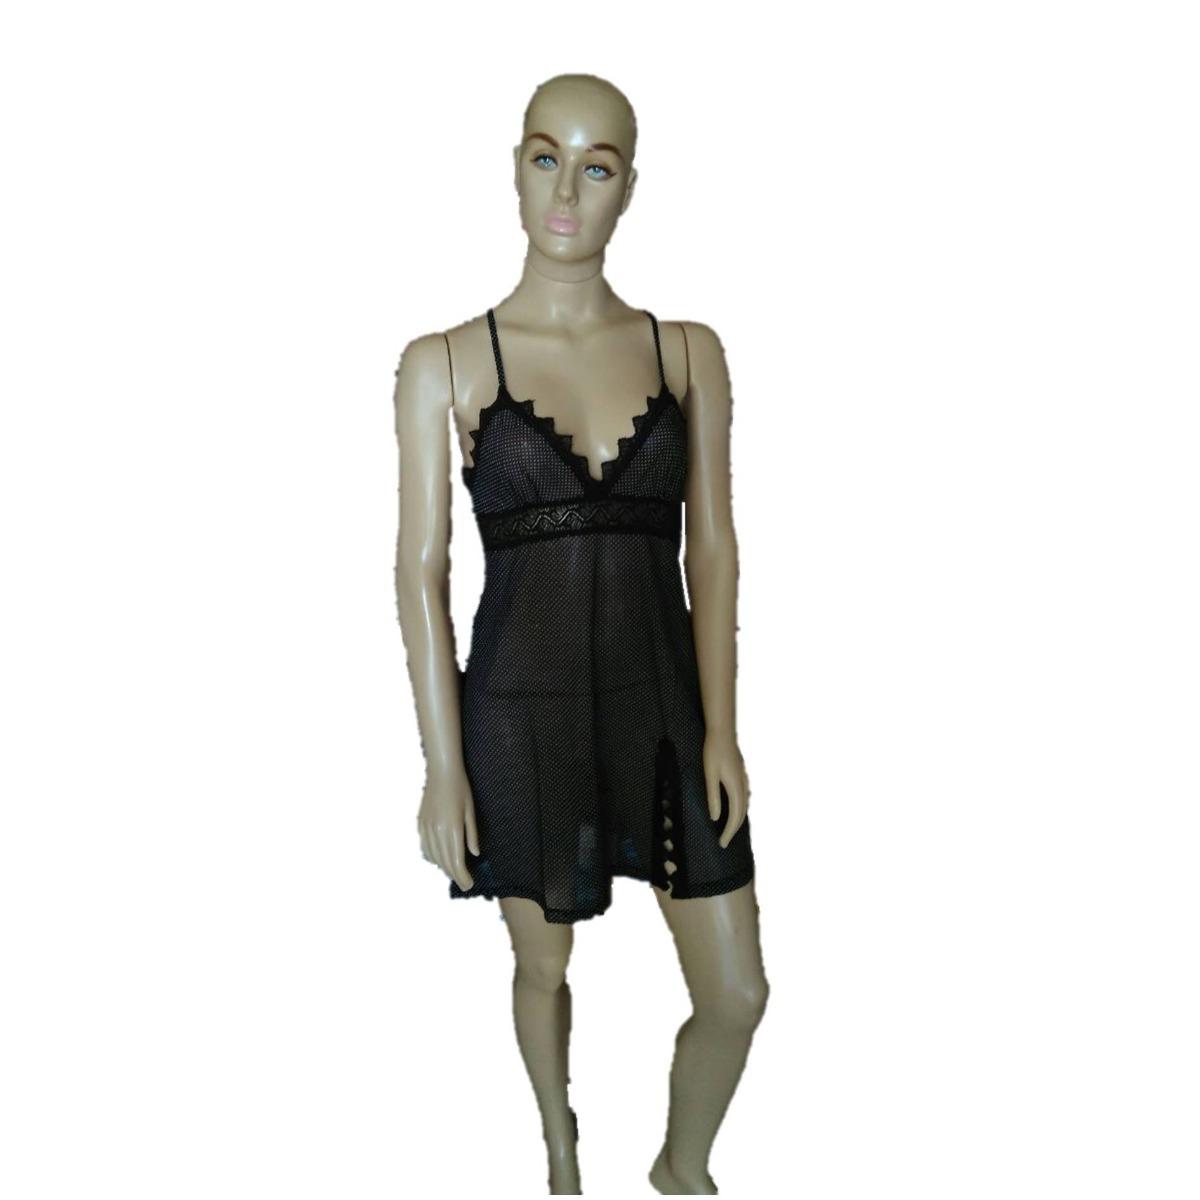 343d3fe75 camisola sensual curta transparente renda tule lingerie. Carregando zoom.